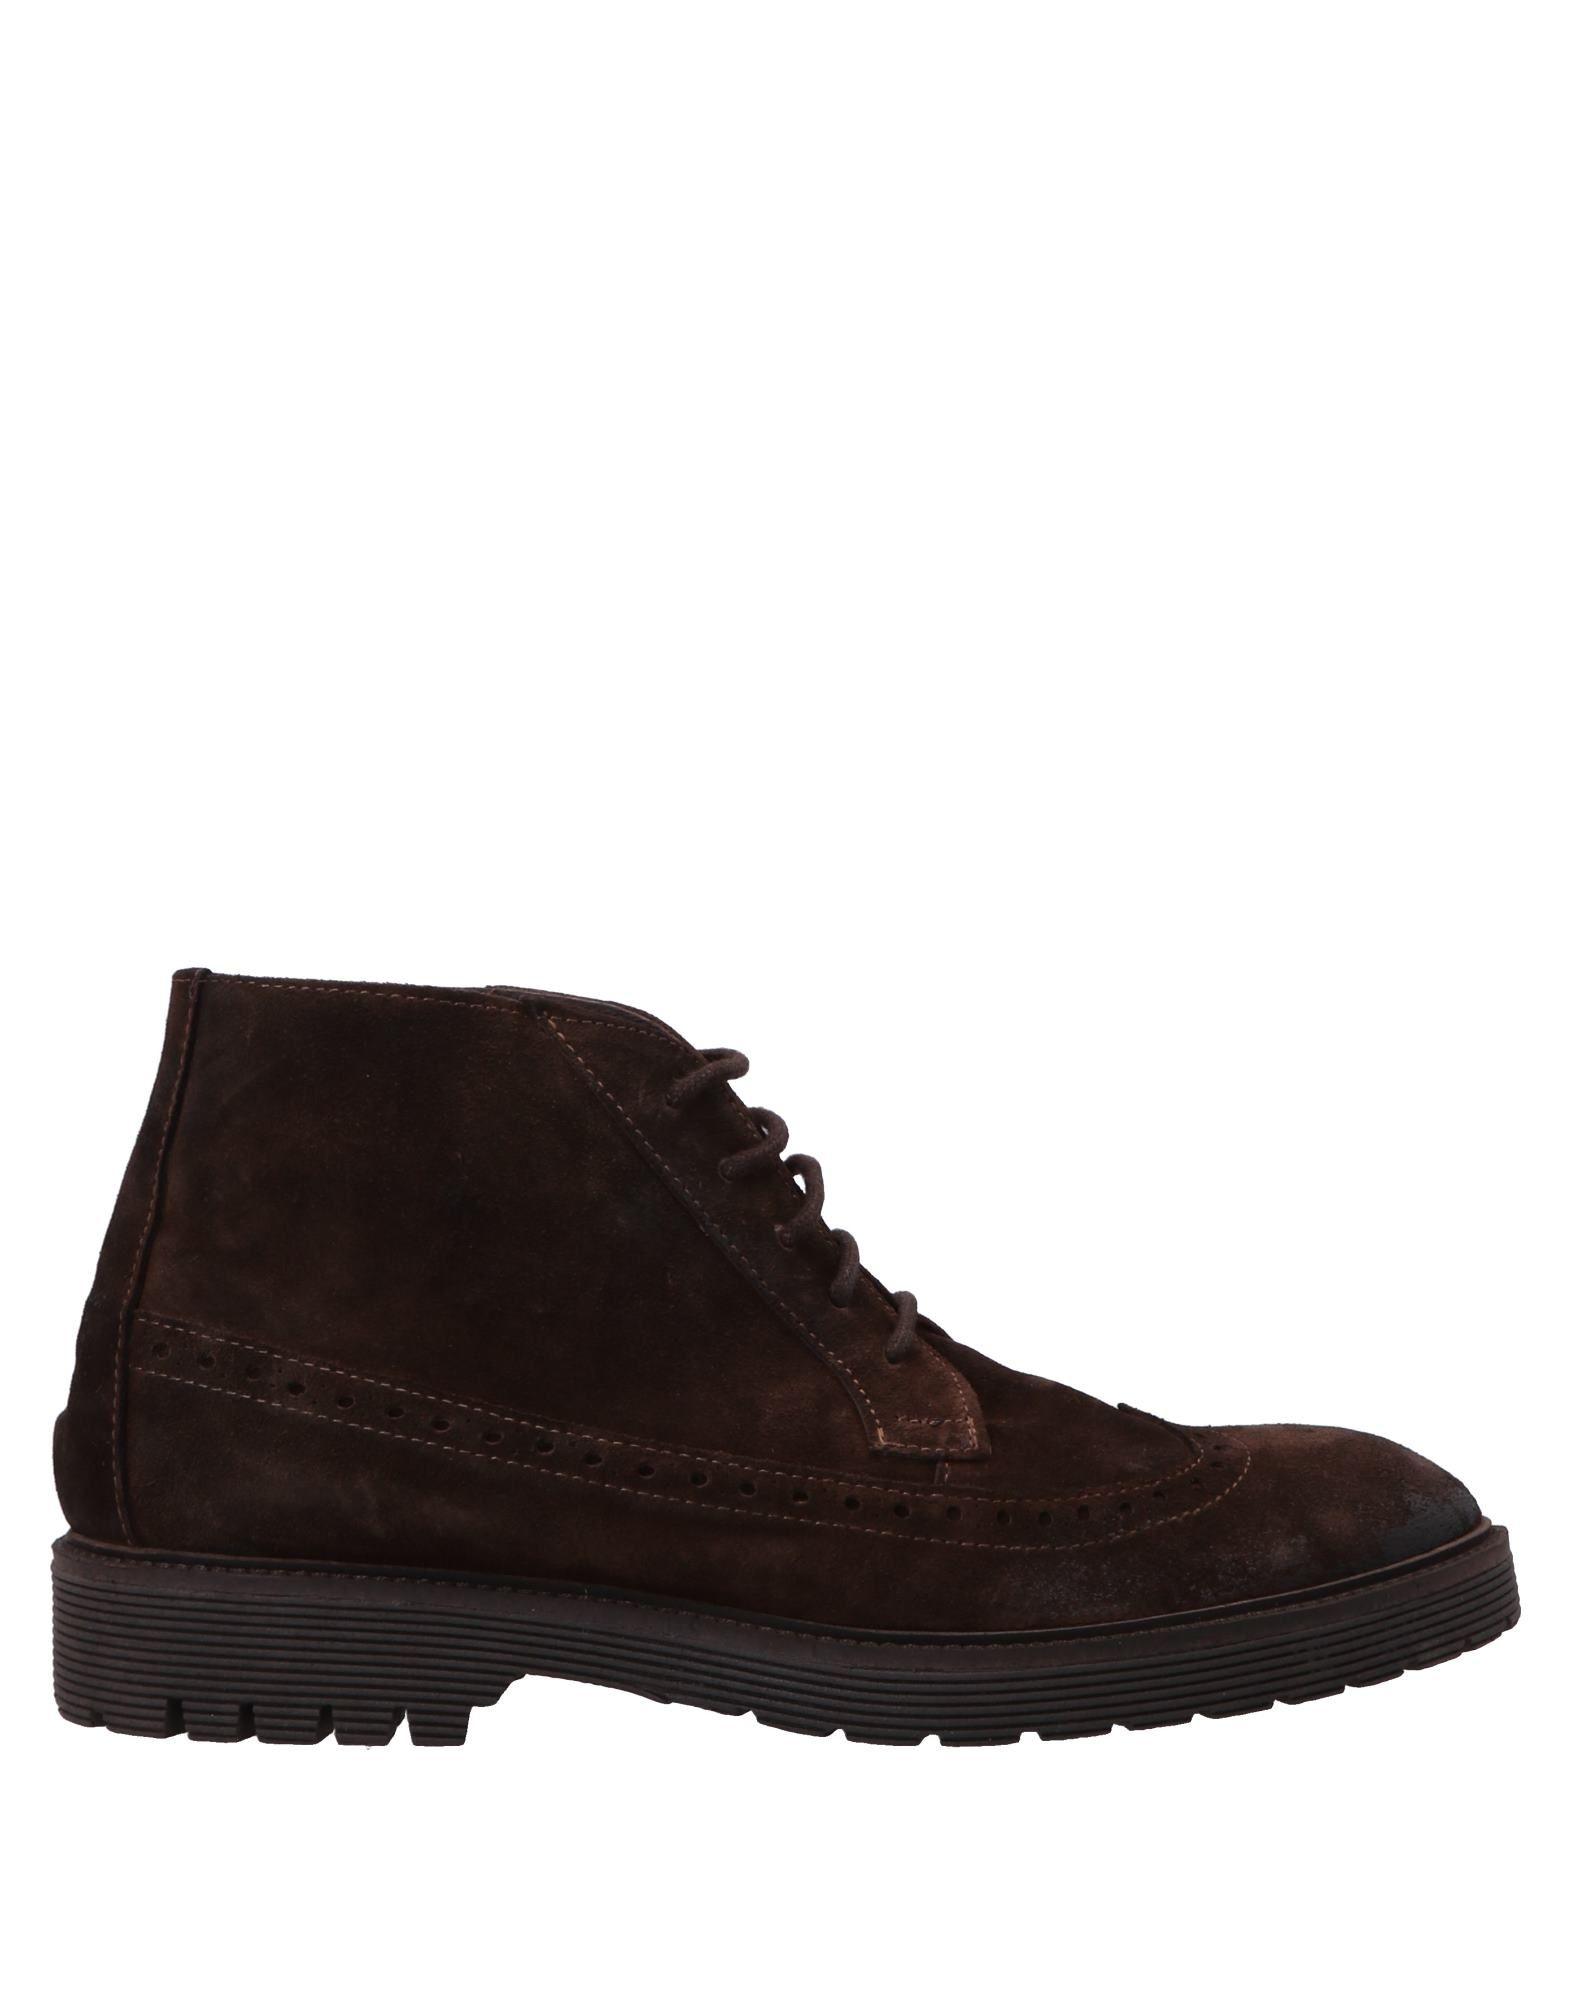 Bruno Verri Stiefelette Herren  11554326WG Gute Qualität beliebte Schuhe